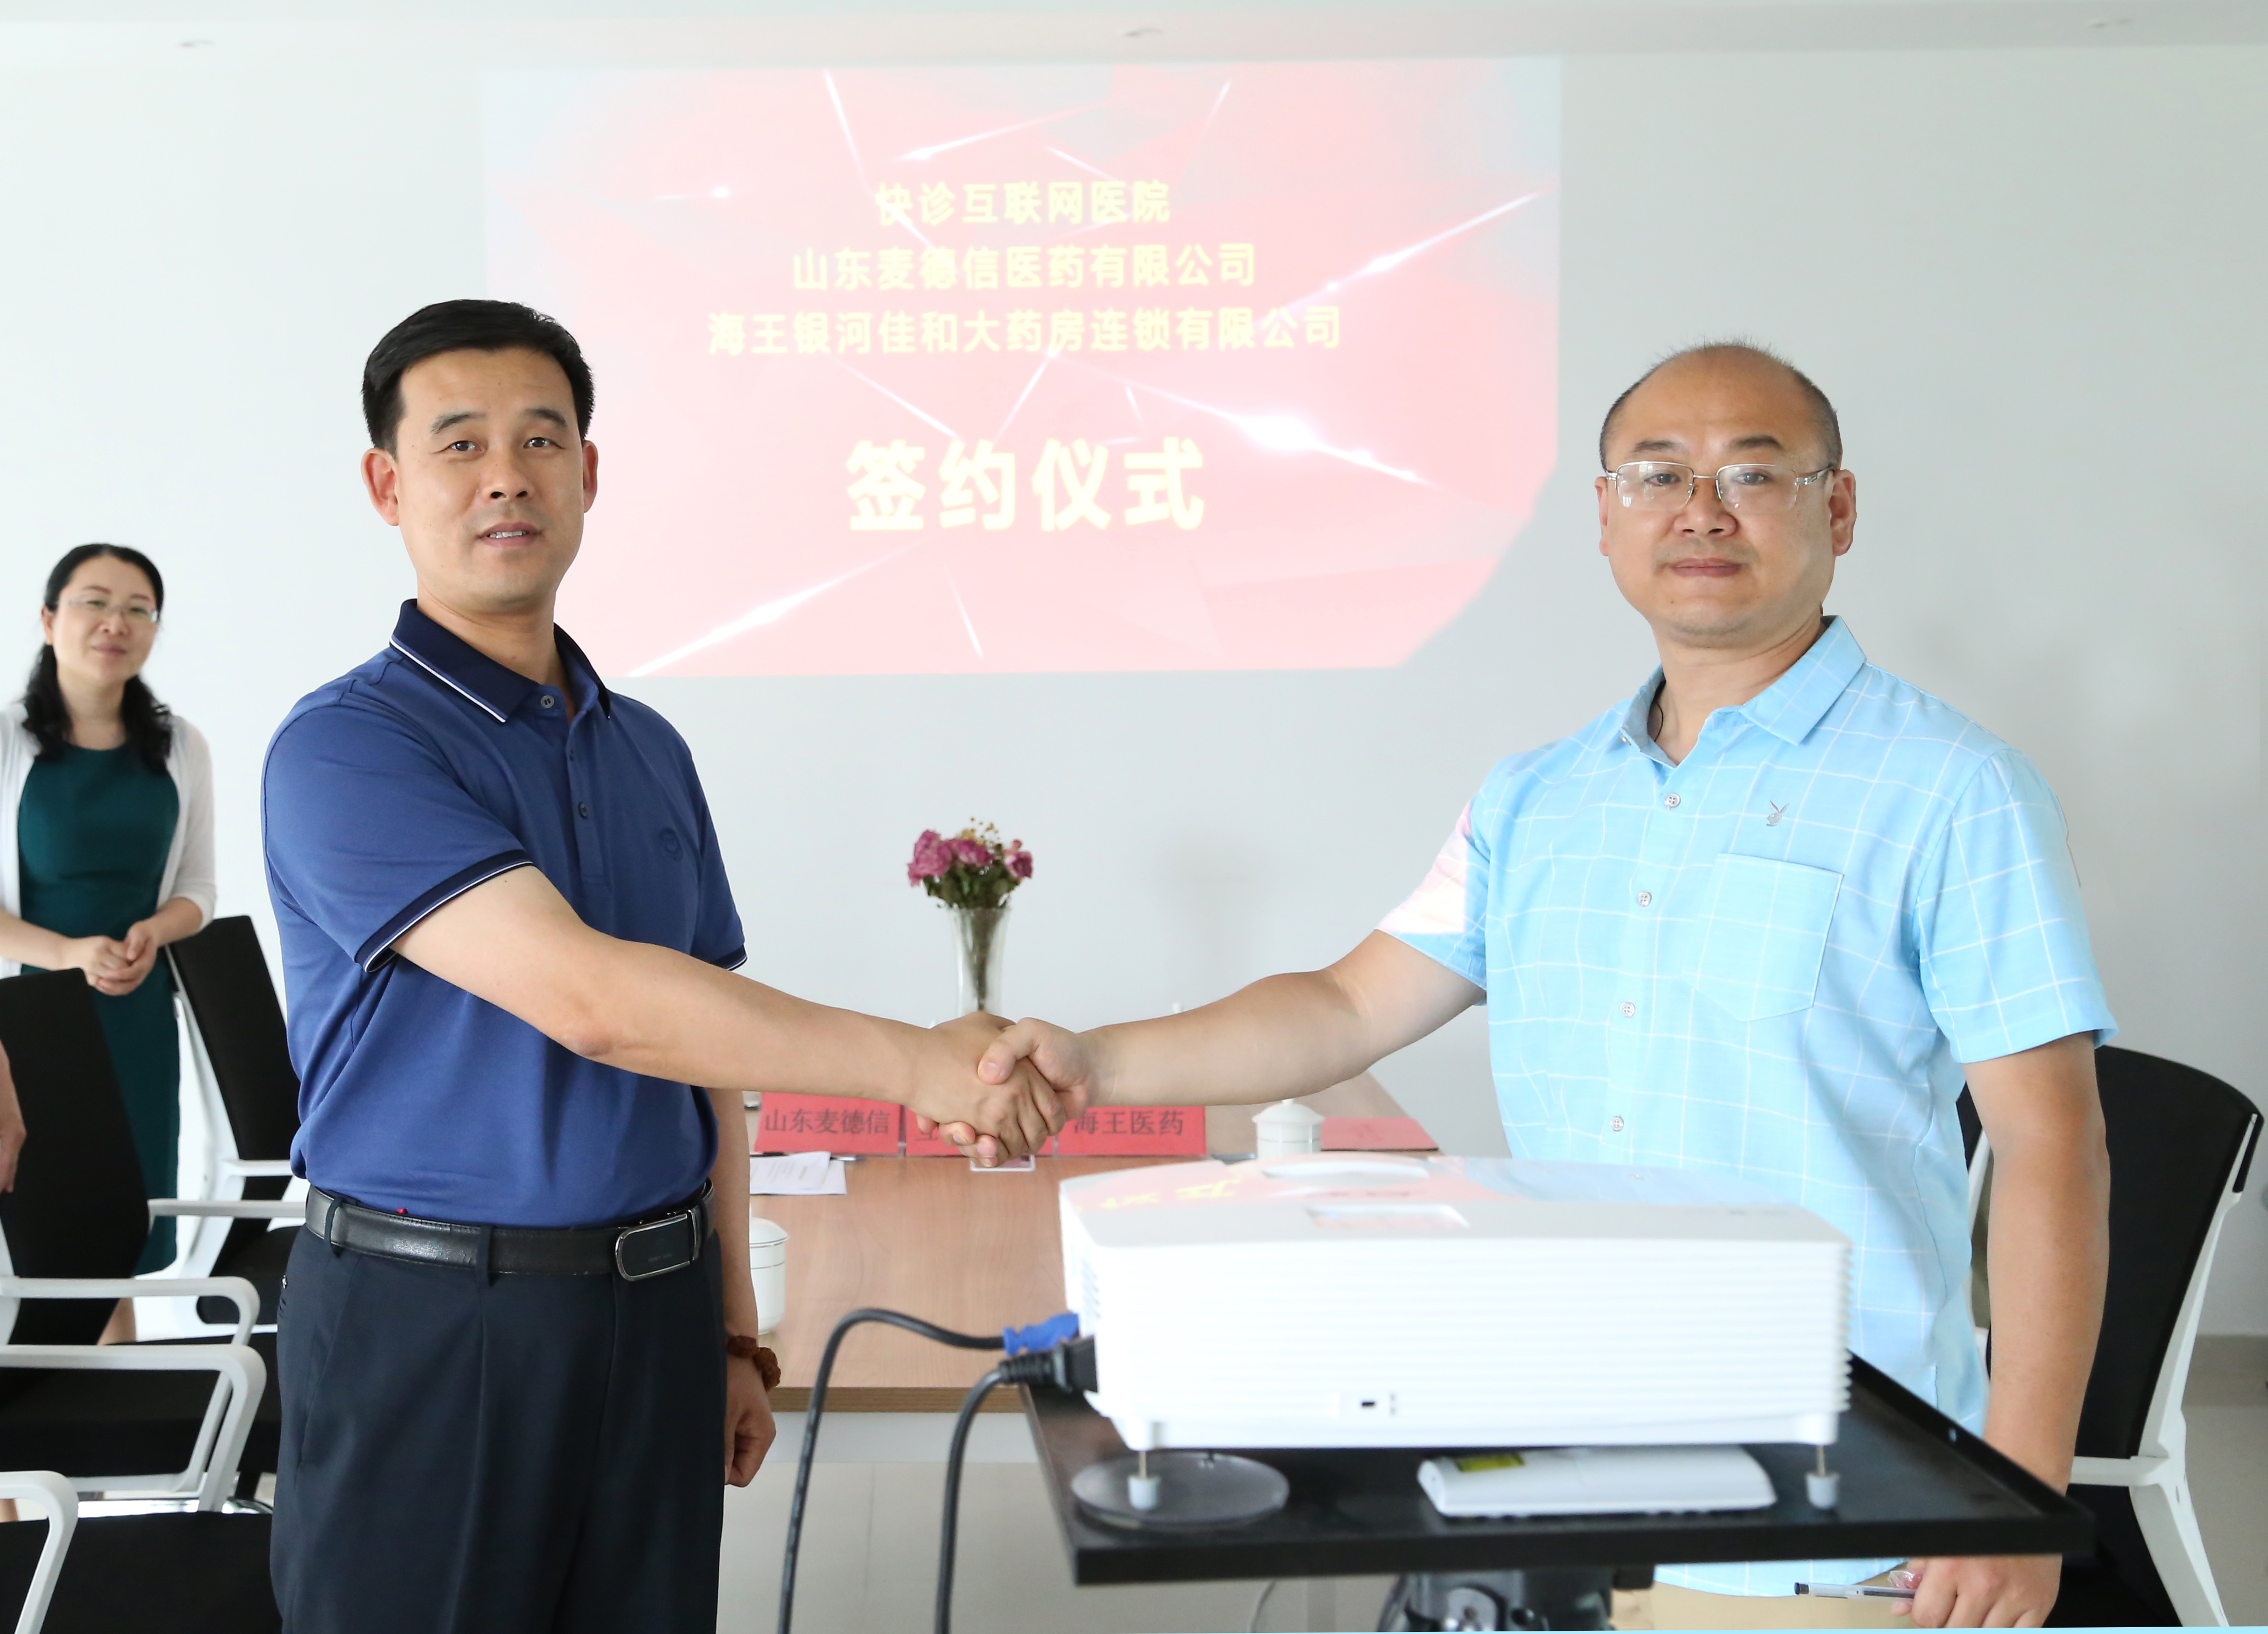 快诊互联网医院接入潍坊海王银河佳和大药房 联合打造智慧药房